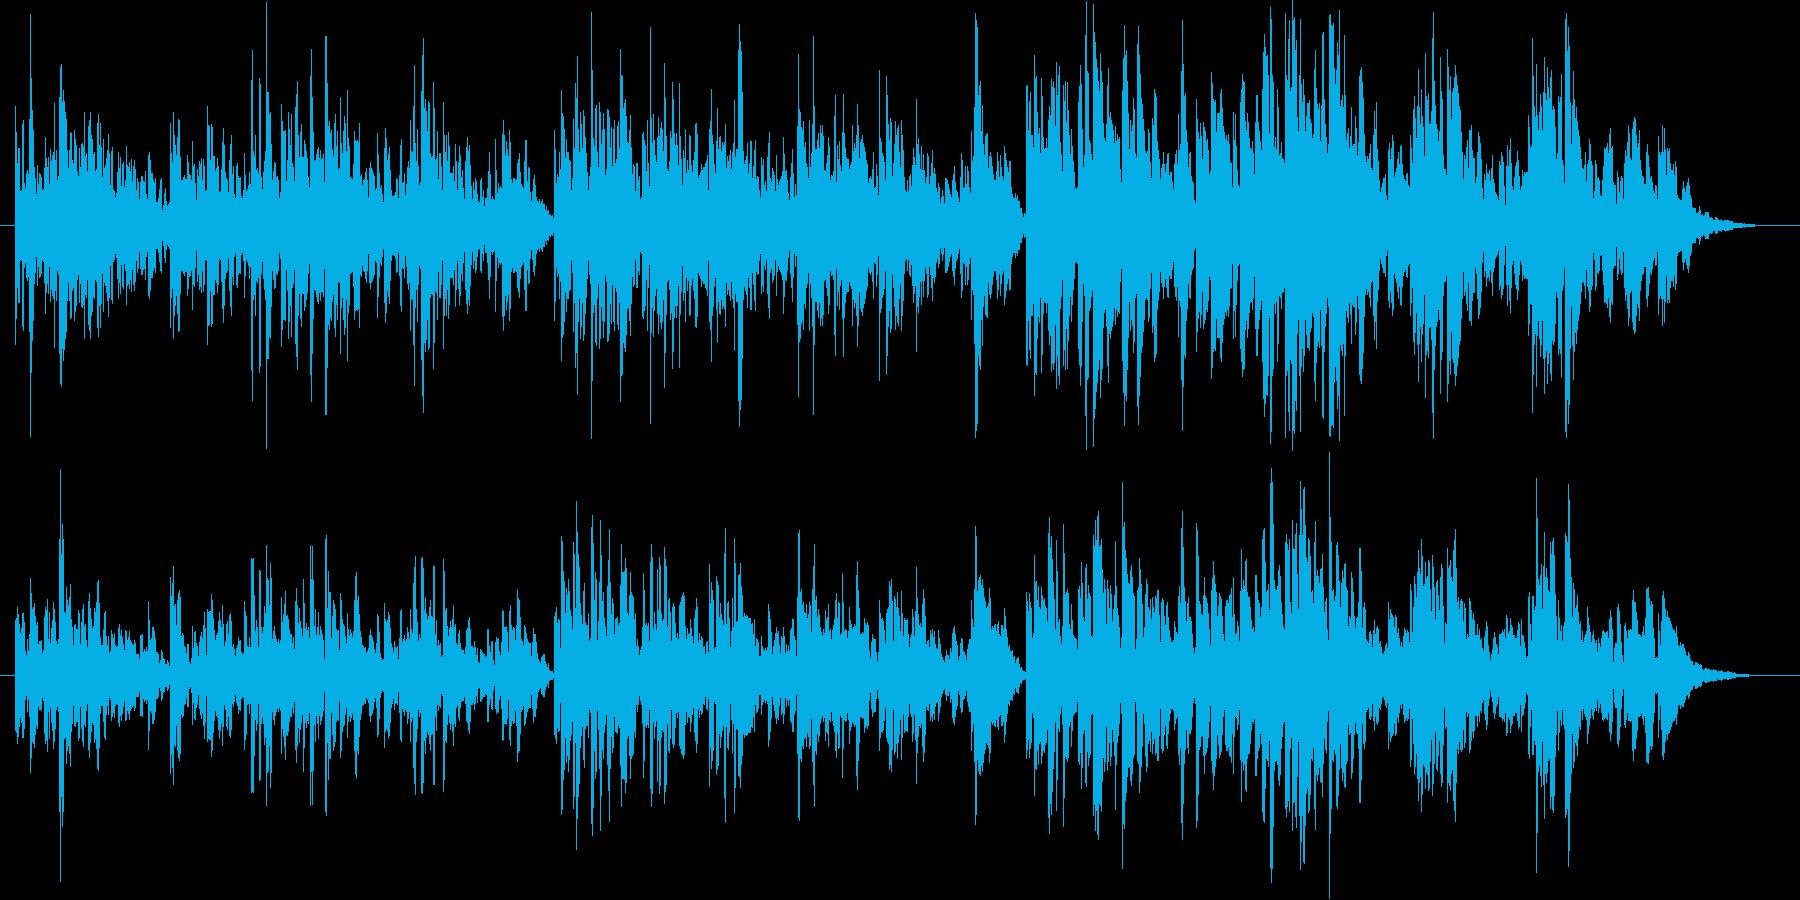 ホタルが飛んでいそうな日本の夏に似合う曲の再生済みの波形